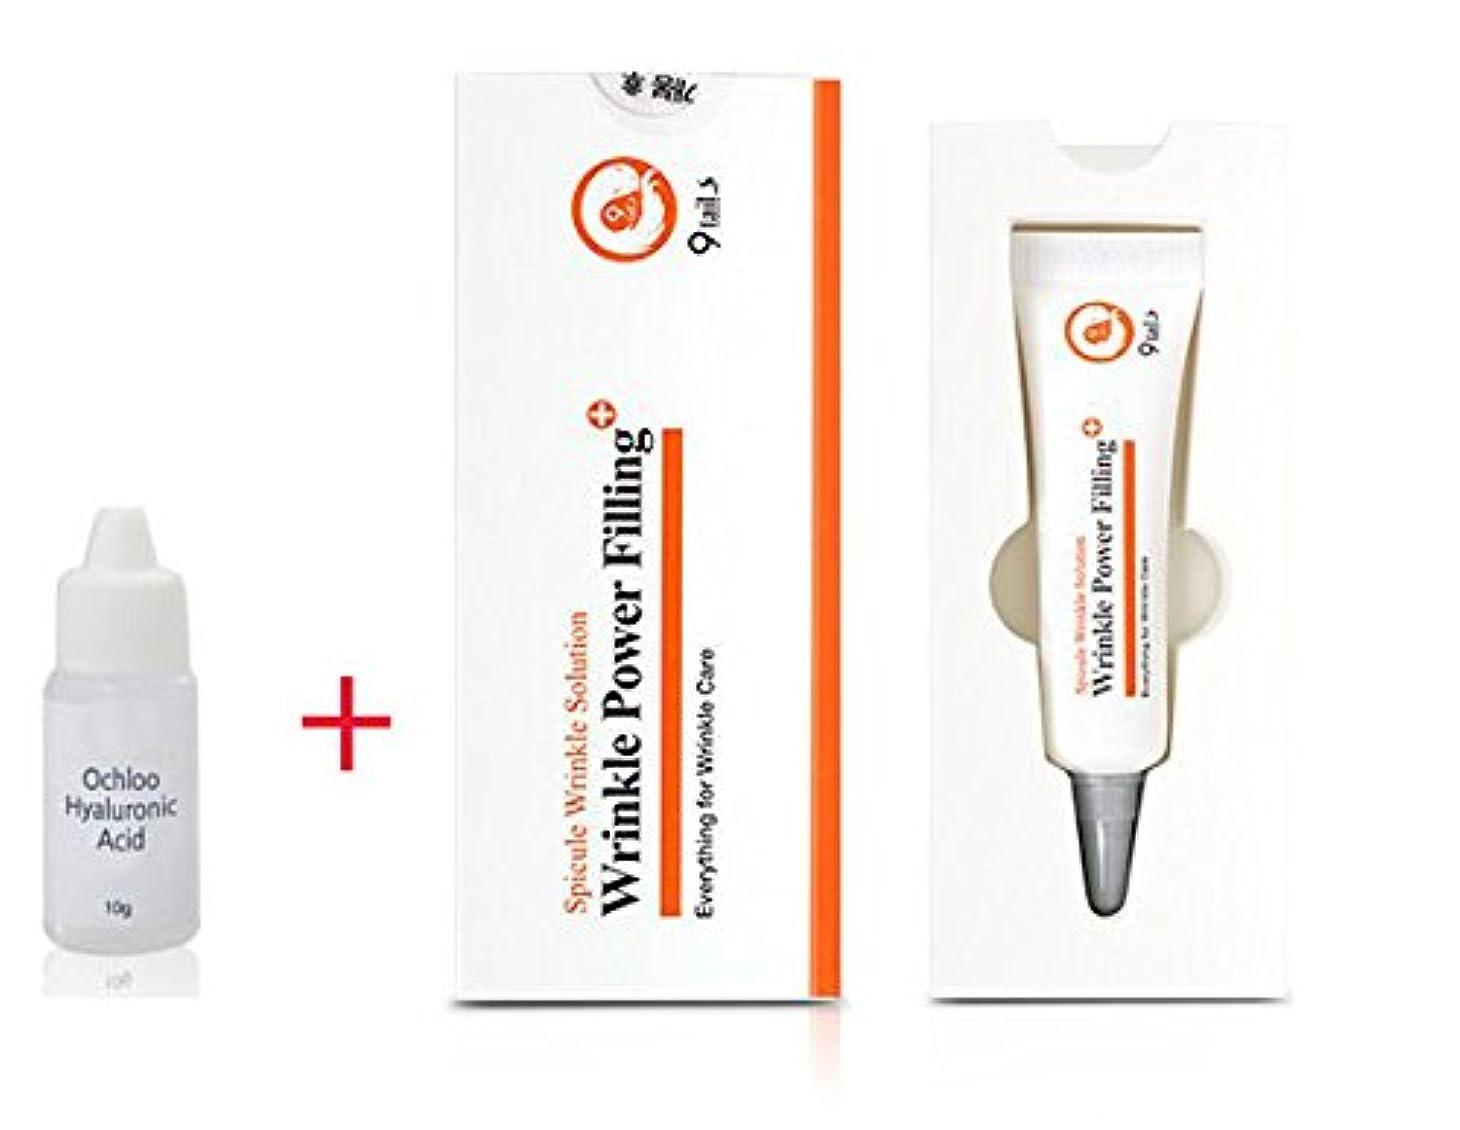 拷問郵便局解く9 tails: Wrinkle Power Filling 5ml: Improve wrinkles Serum. リンクルパワーフィーリング シワ改善?セラム + Ochloo hyaluronic acid 10ml